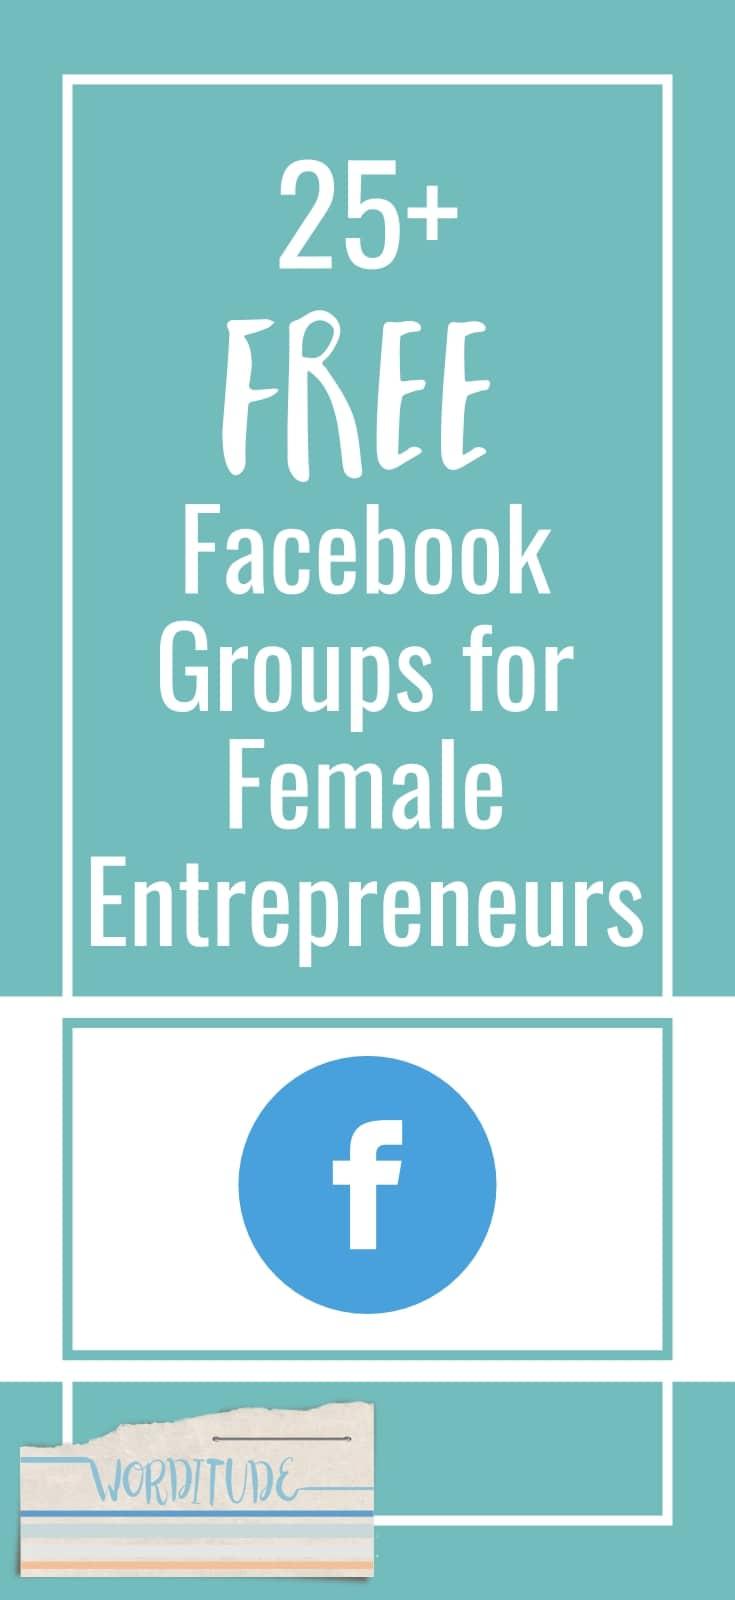 Facebook Groups for female entrepreneurs